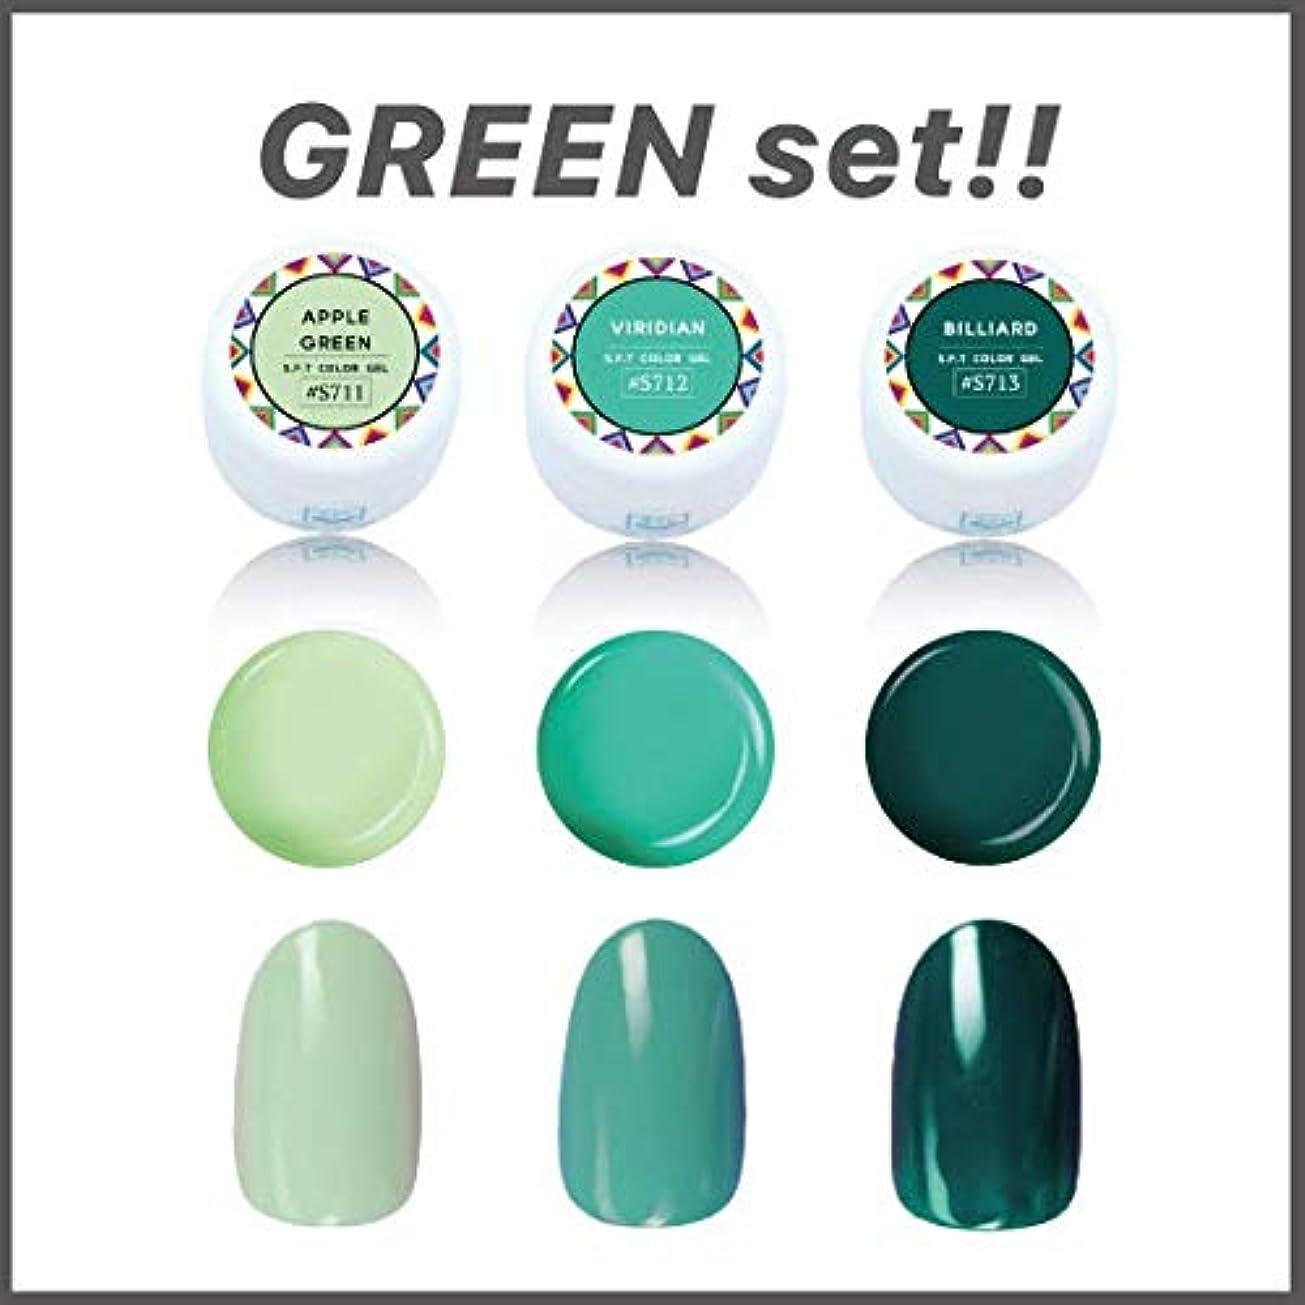 もっともらしいスペード高齢者日本製 ジェルネイル グリーンセット 3色セット FUNSIDË ファンサイド カラージェル グリーン 黄緑 ターコイズ